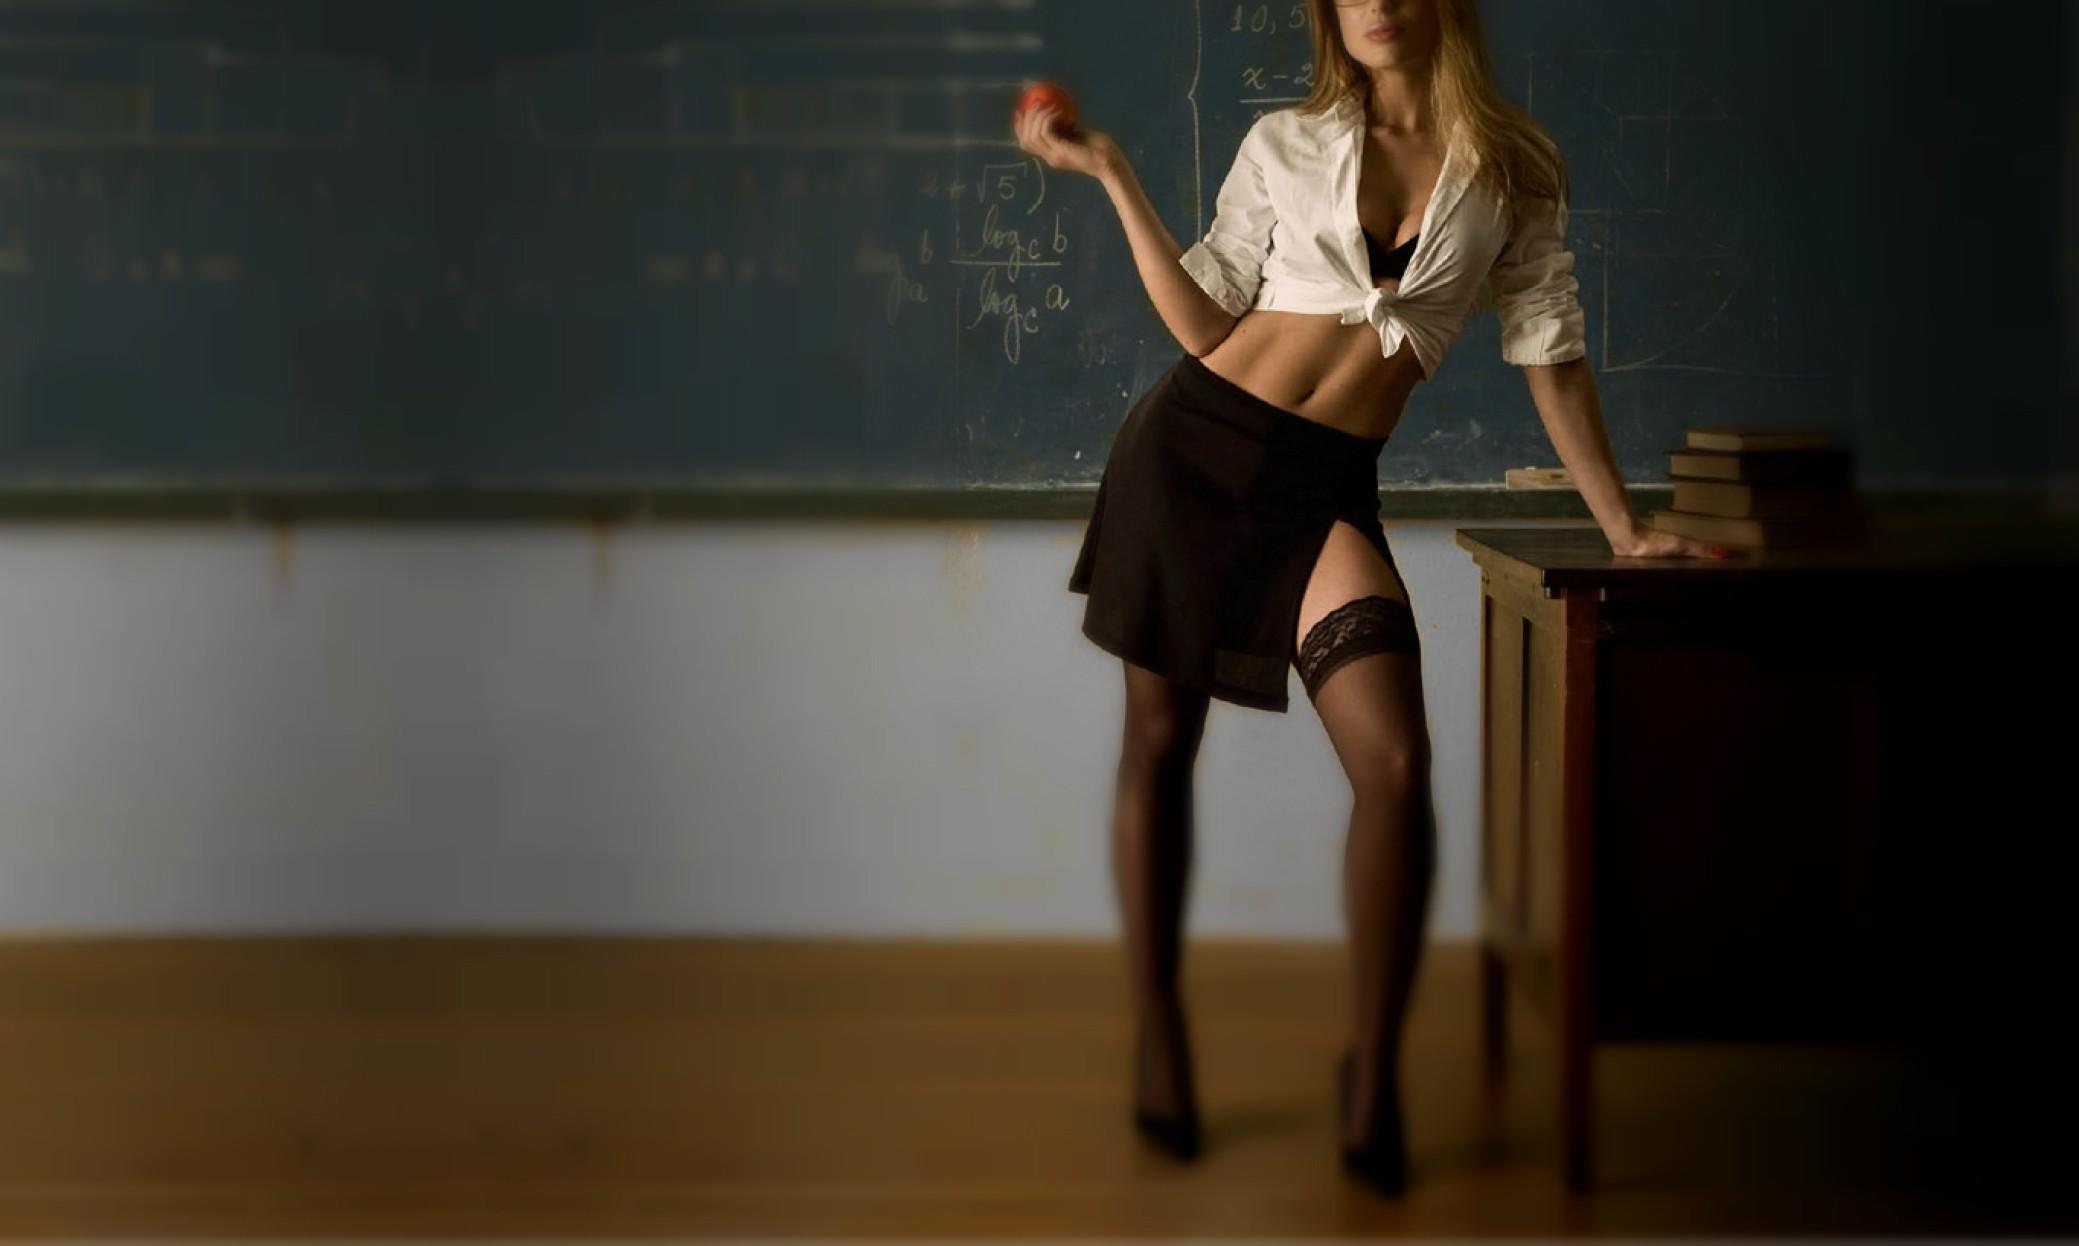 Видно трусы на уроке фото 243-522